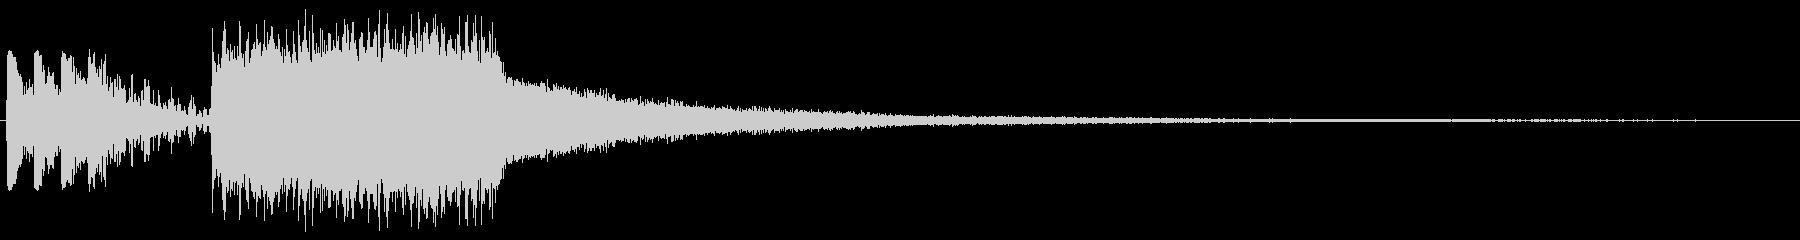 KANTバンド決め的ジングル2の未再生の波形